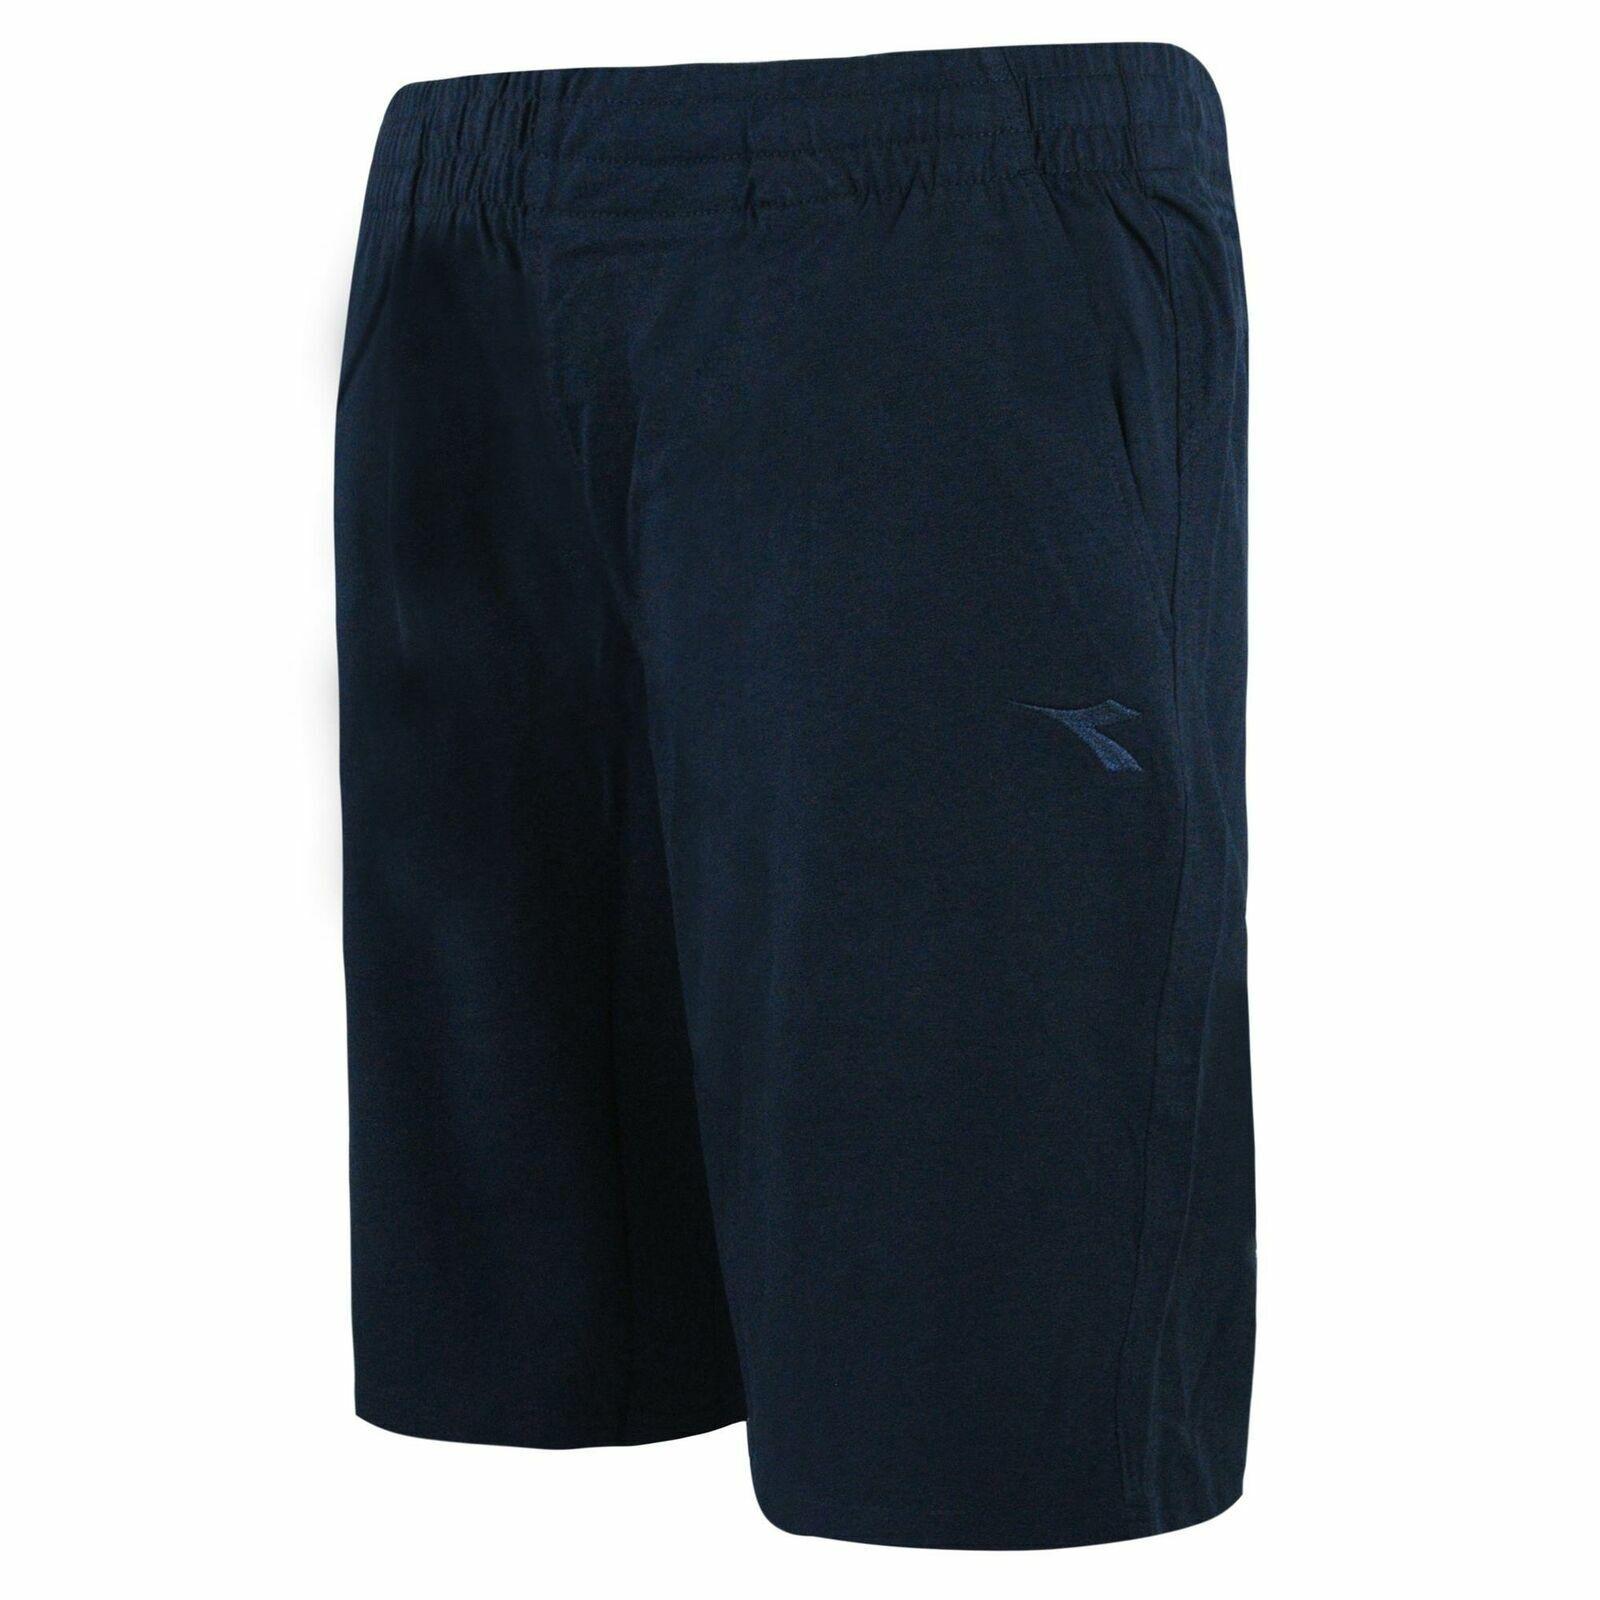 Diadora Mens Bermuda Shorts Casual Loung Pants Navy 171677 60063